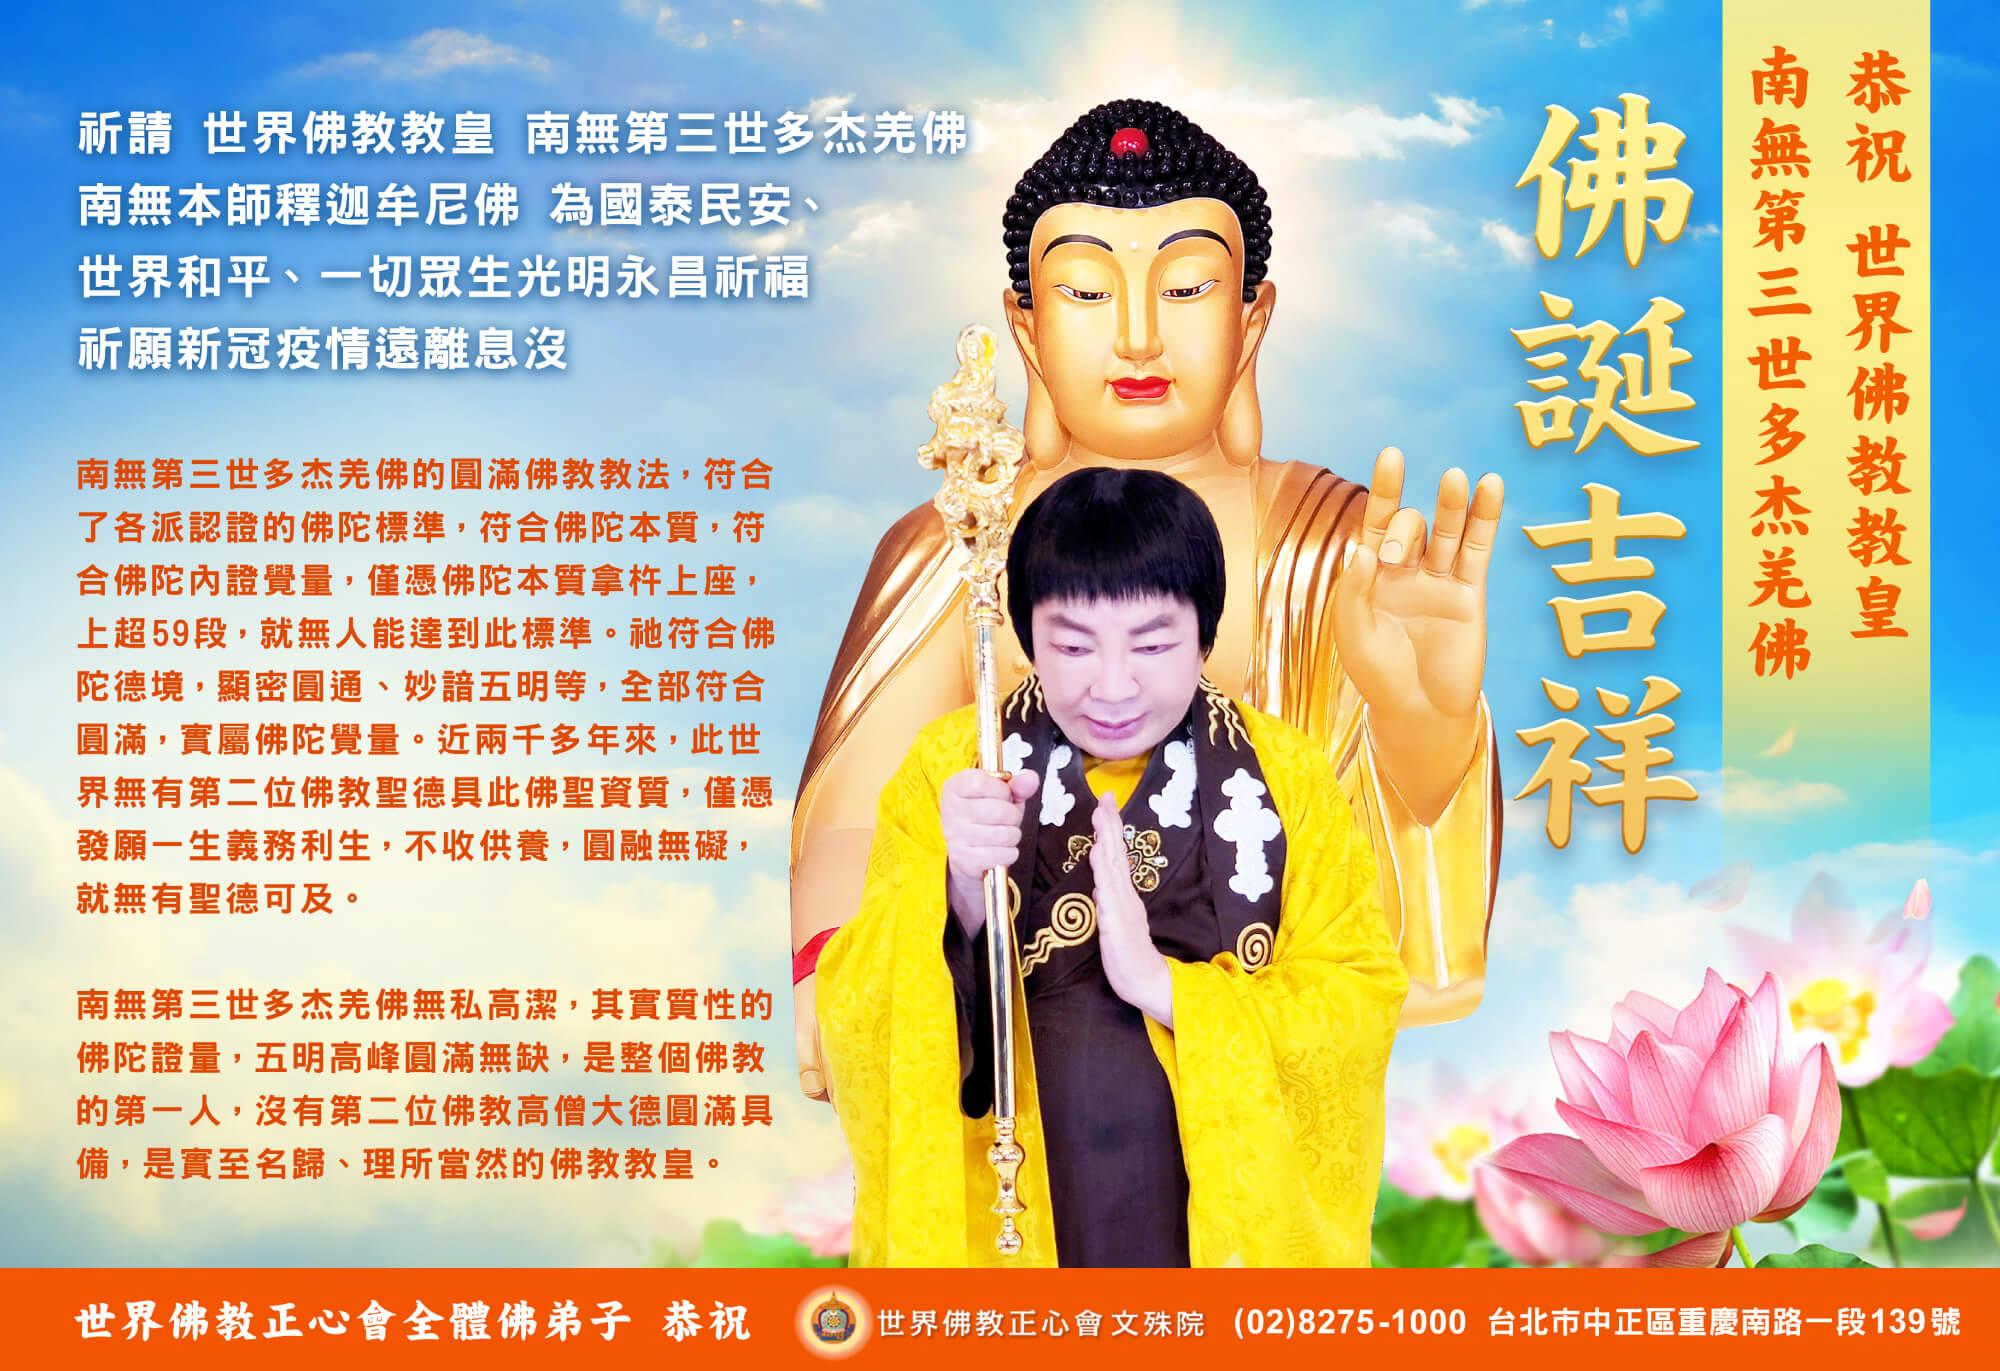 恭祝世界佛教教皇佛誕吉祥